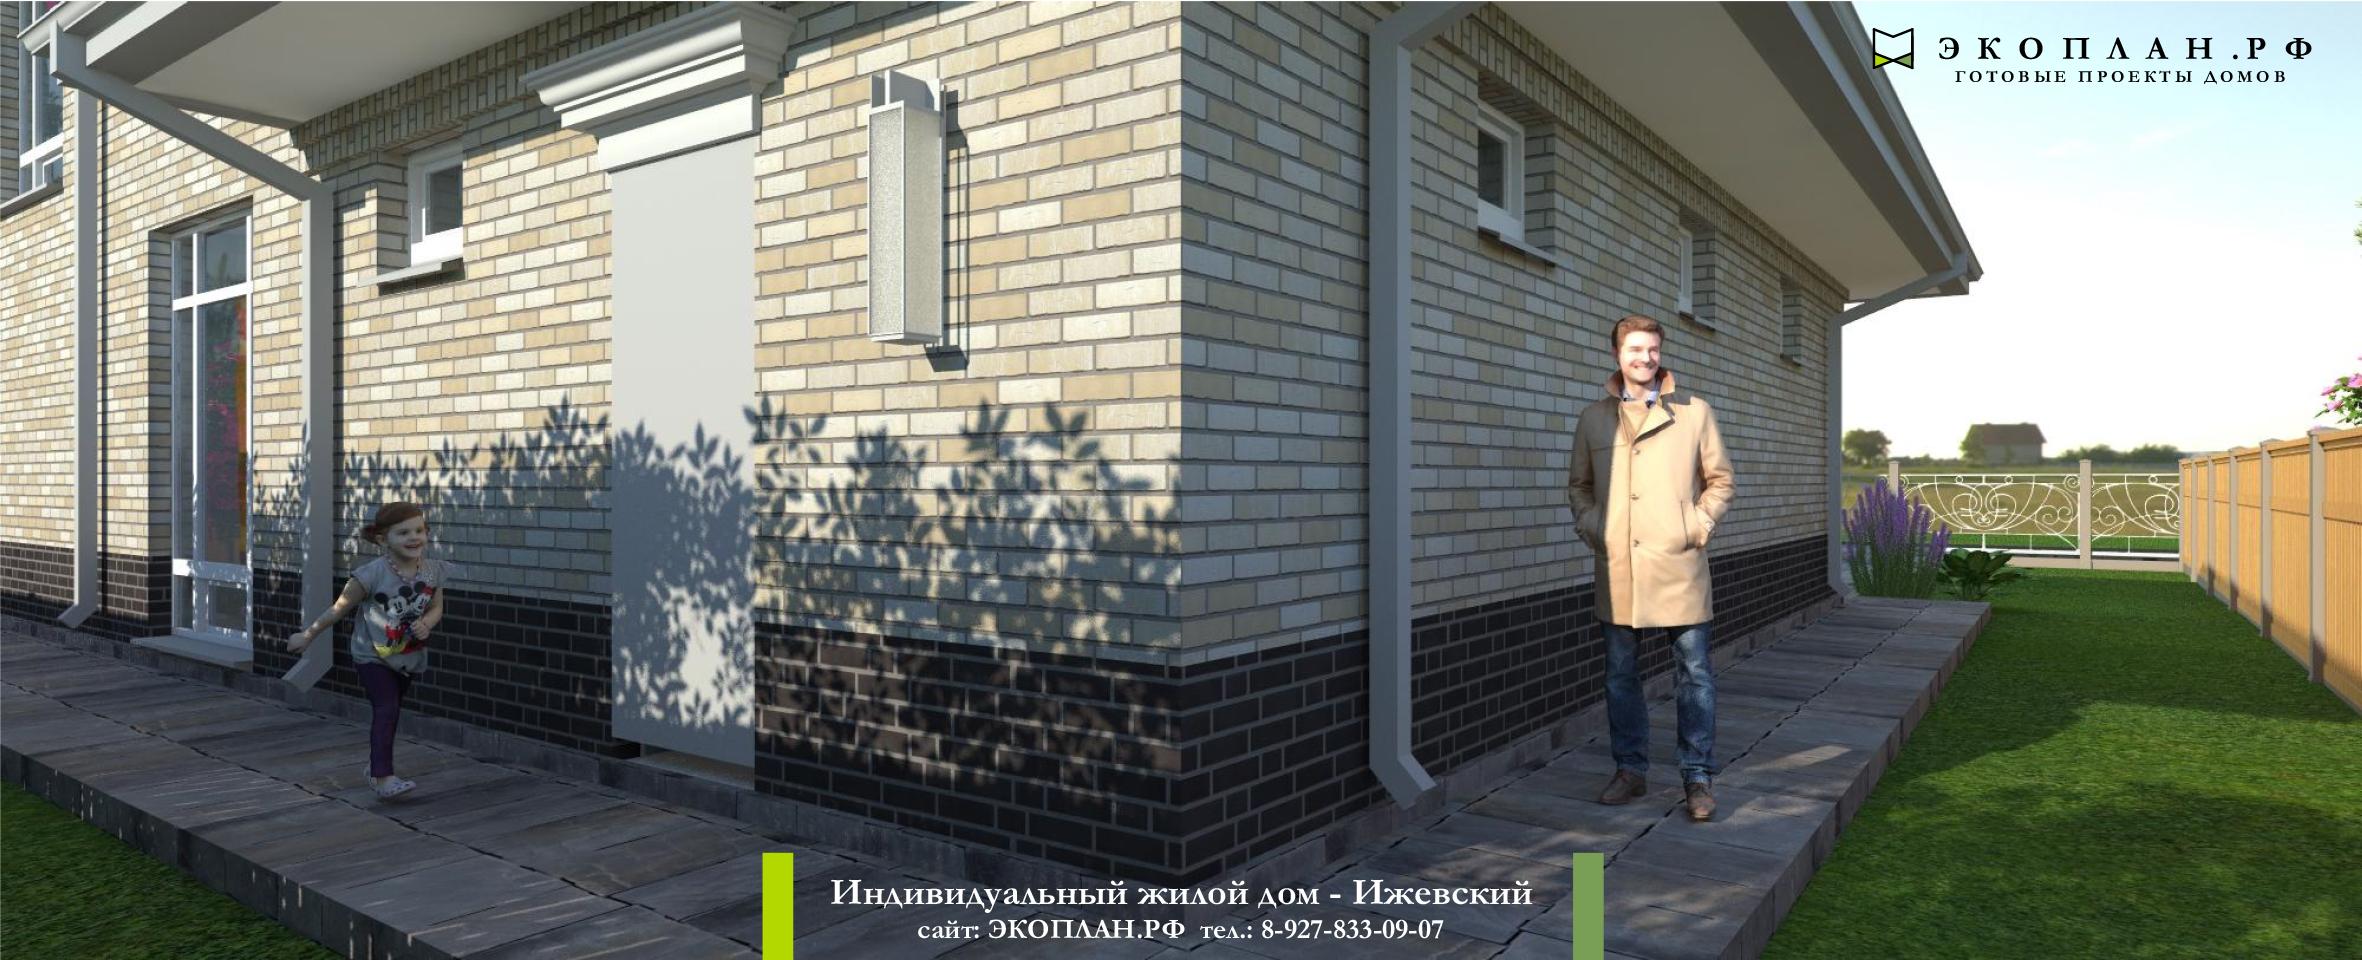 Ижевский - Готовый проект дома - Экоплан.рф фасад